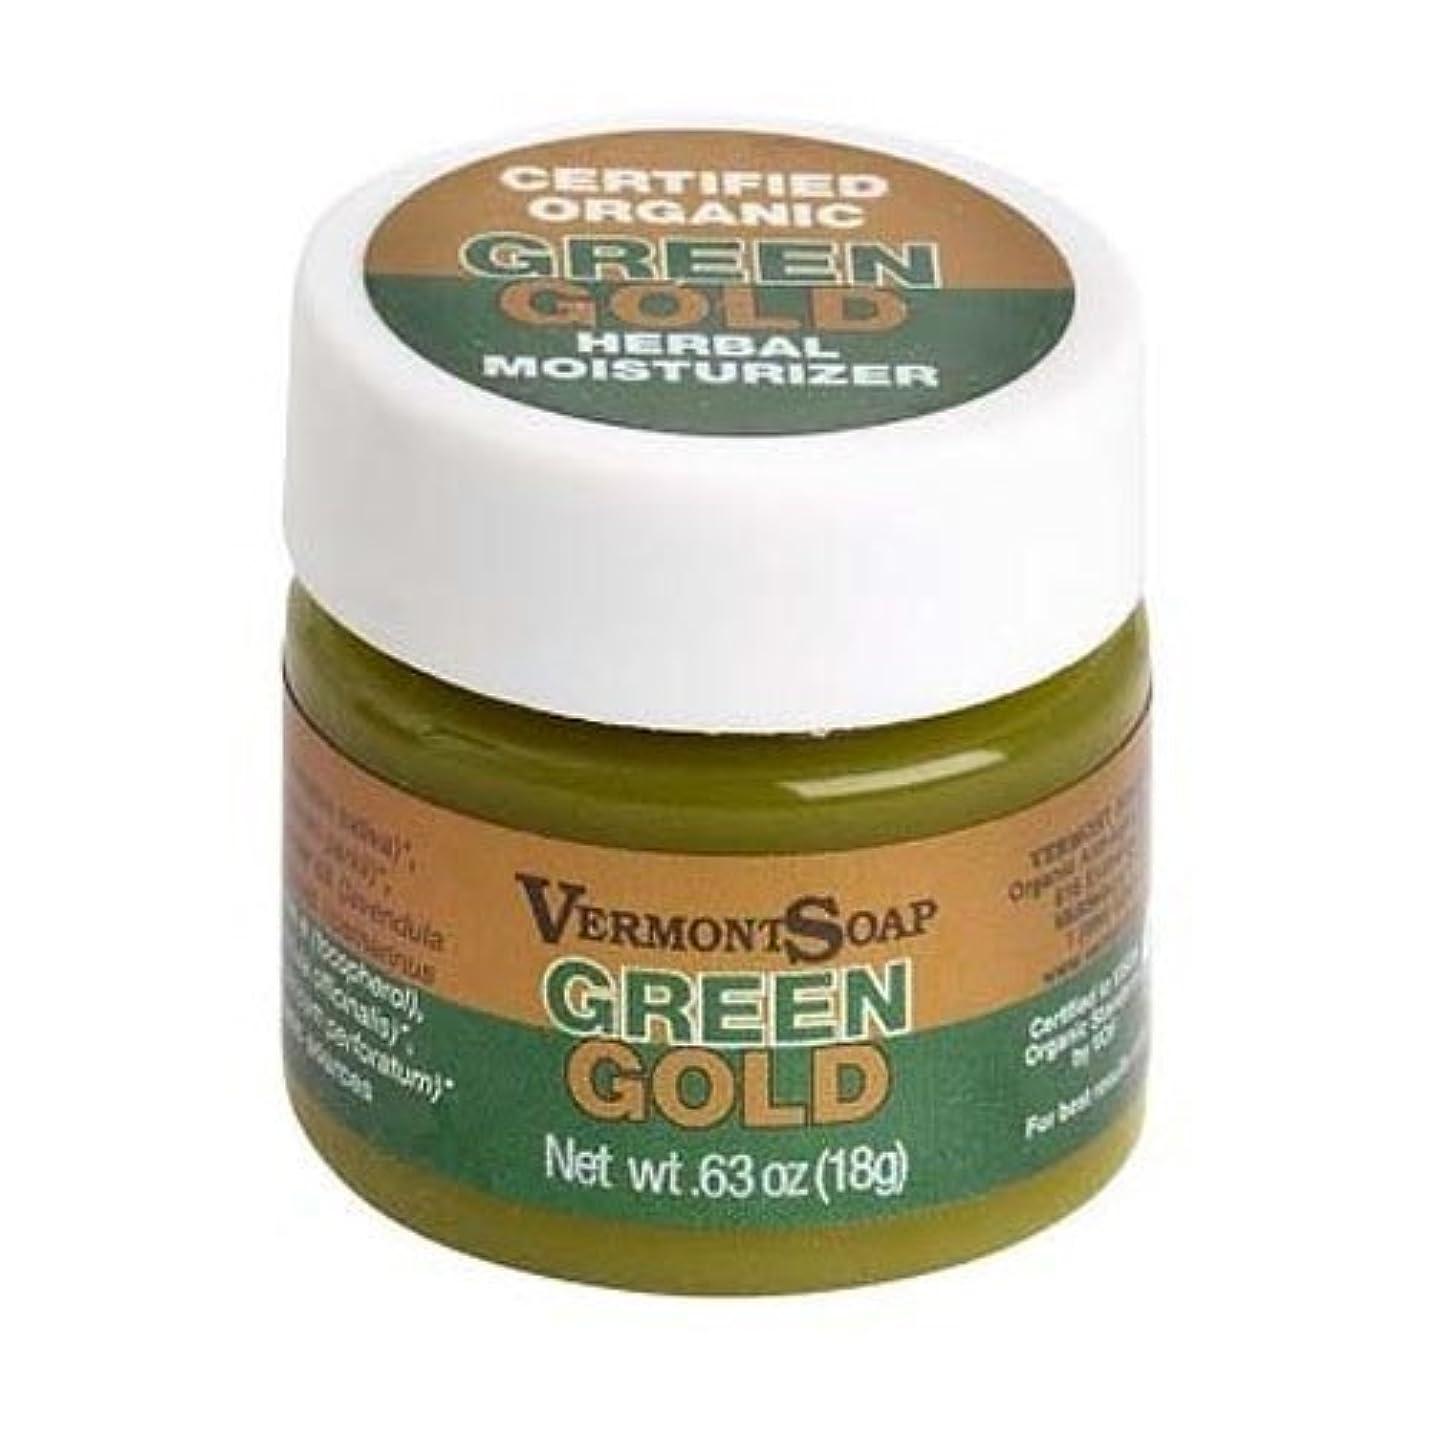 コンパイル疑問に思う不安定バーモントソープ オーガニック保湿クリーム グリーンゴールドS